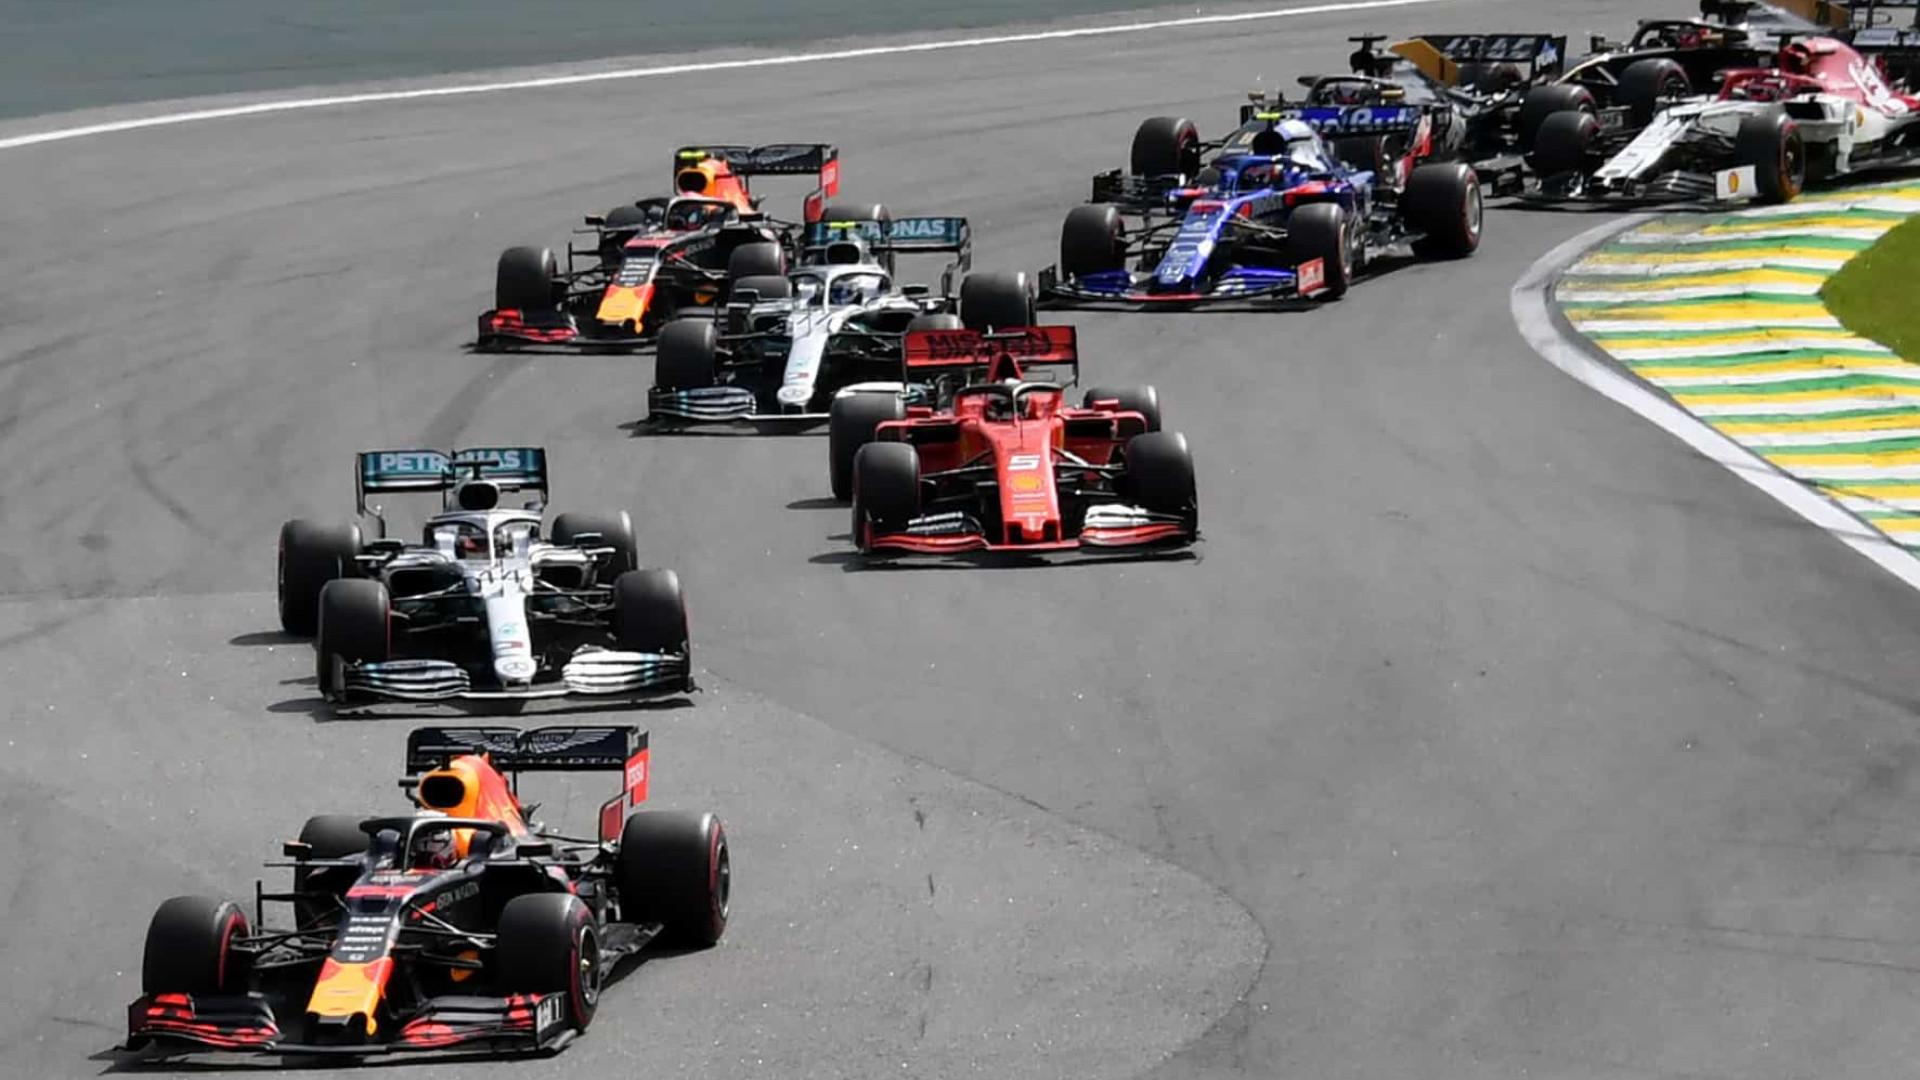 Fora do calendário da Fórmula 1, Vietnã oficializa cancelamento de GP